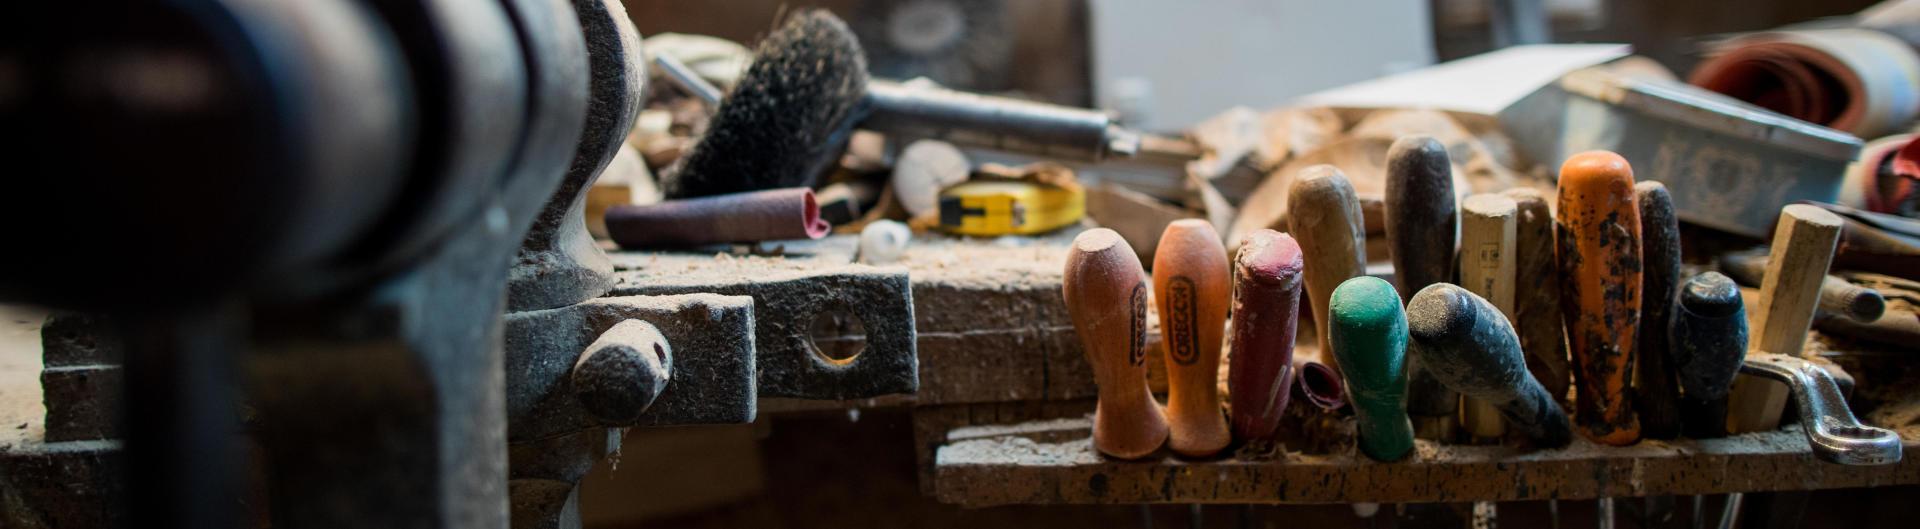 L'atelier du sculpteur sur bois Christian Belmas